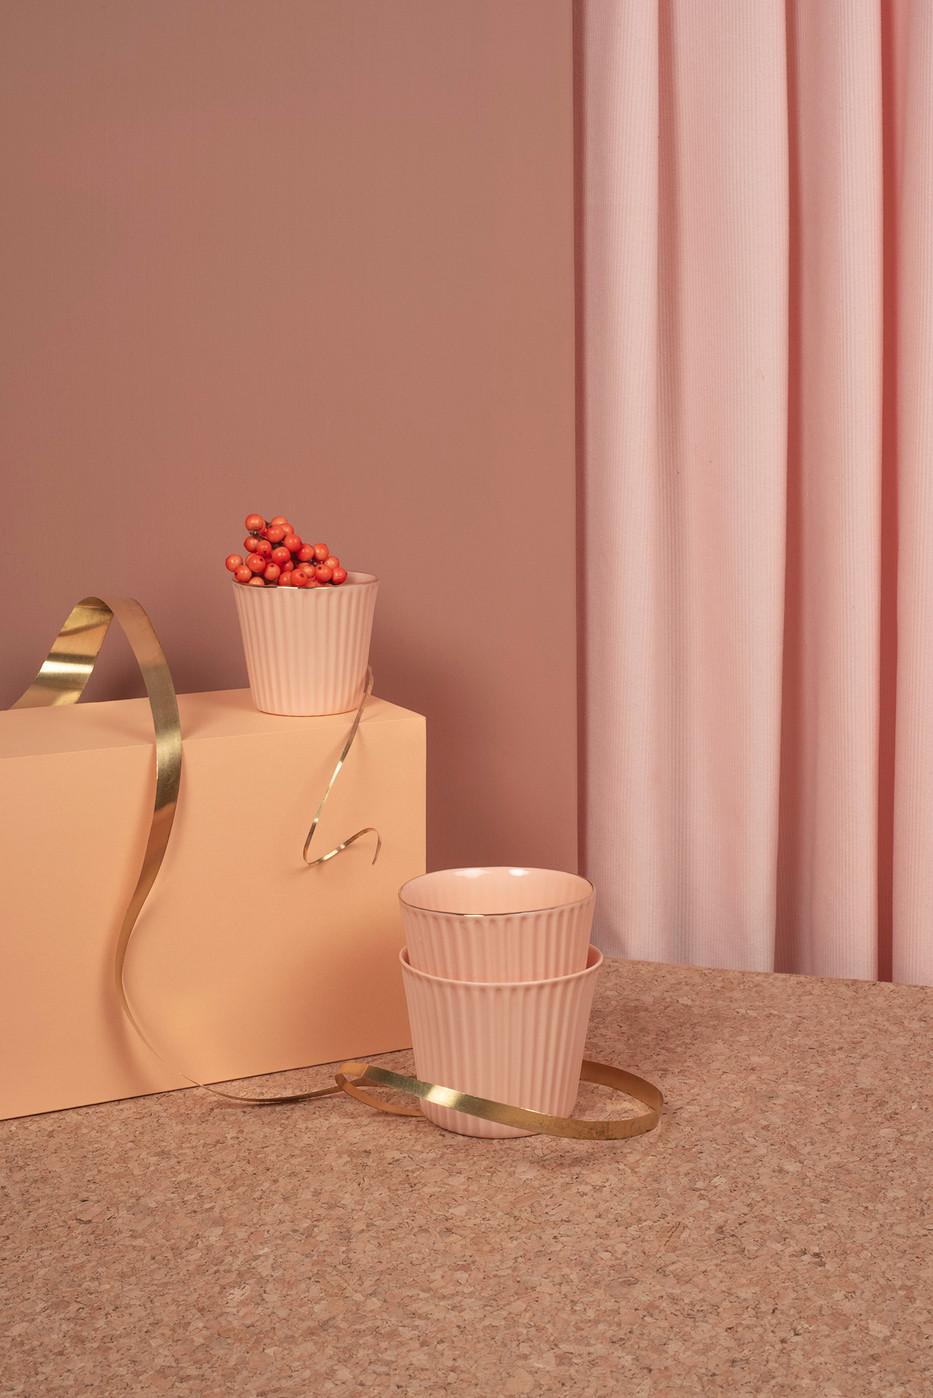 peach-02-small.jpg